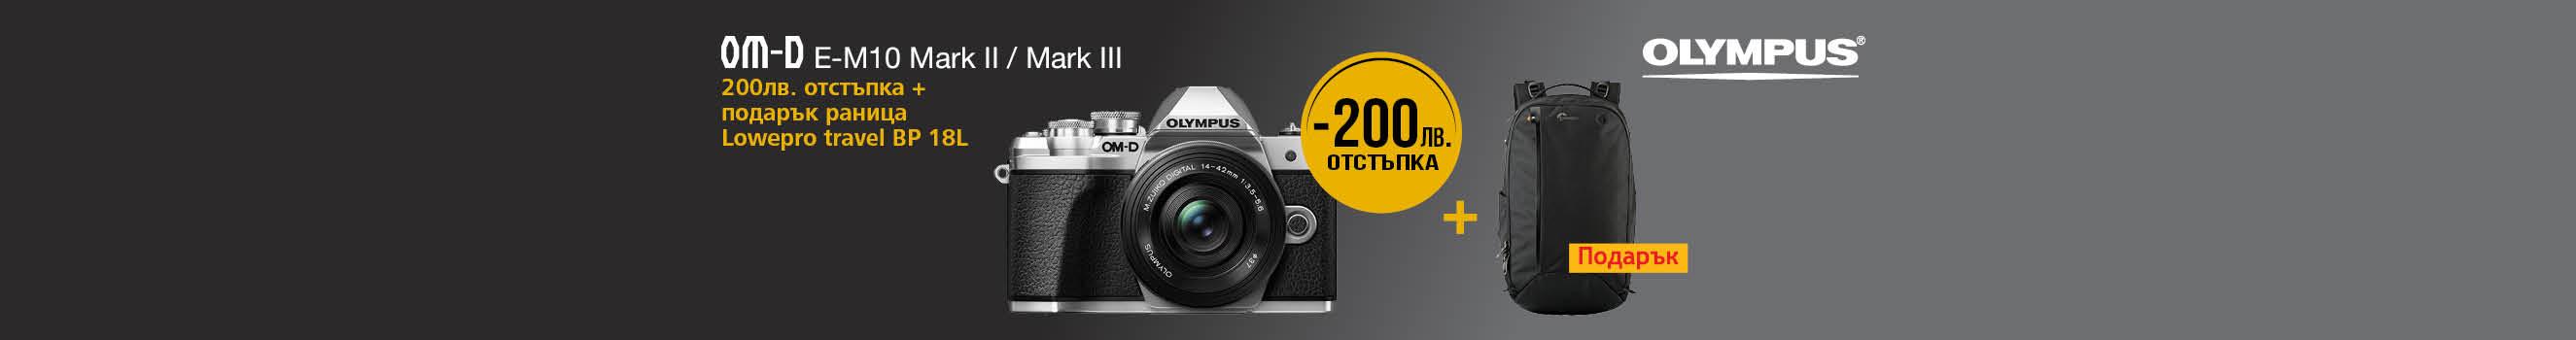 Фотоапарати Olympus E-M10 Mark II и III с подарък: раница Lowepro